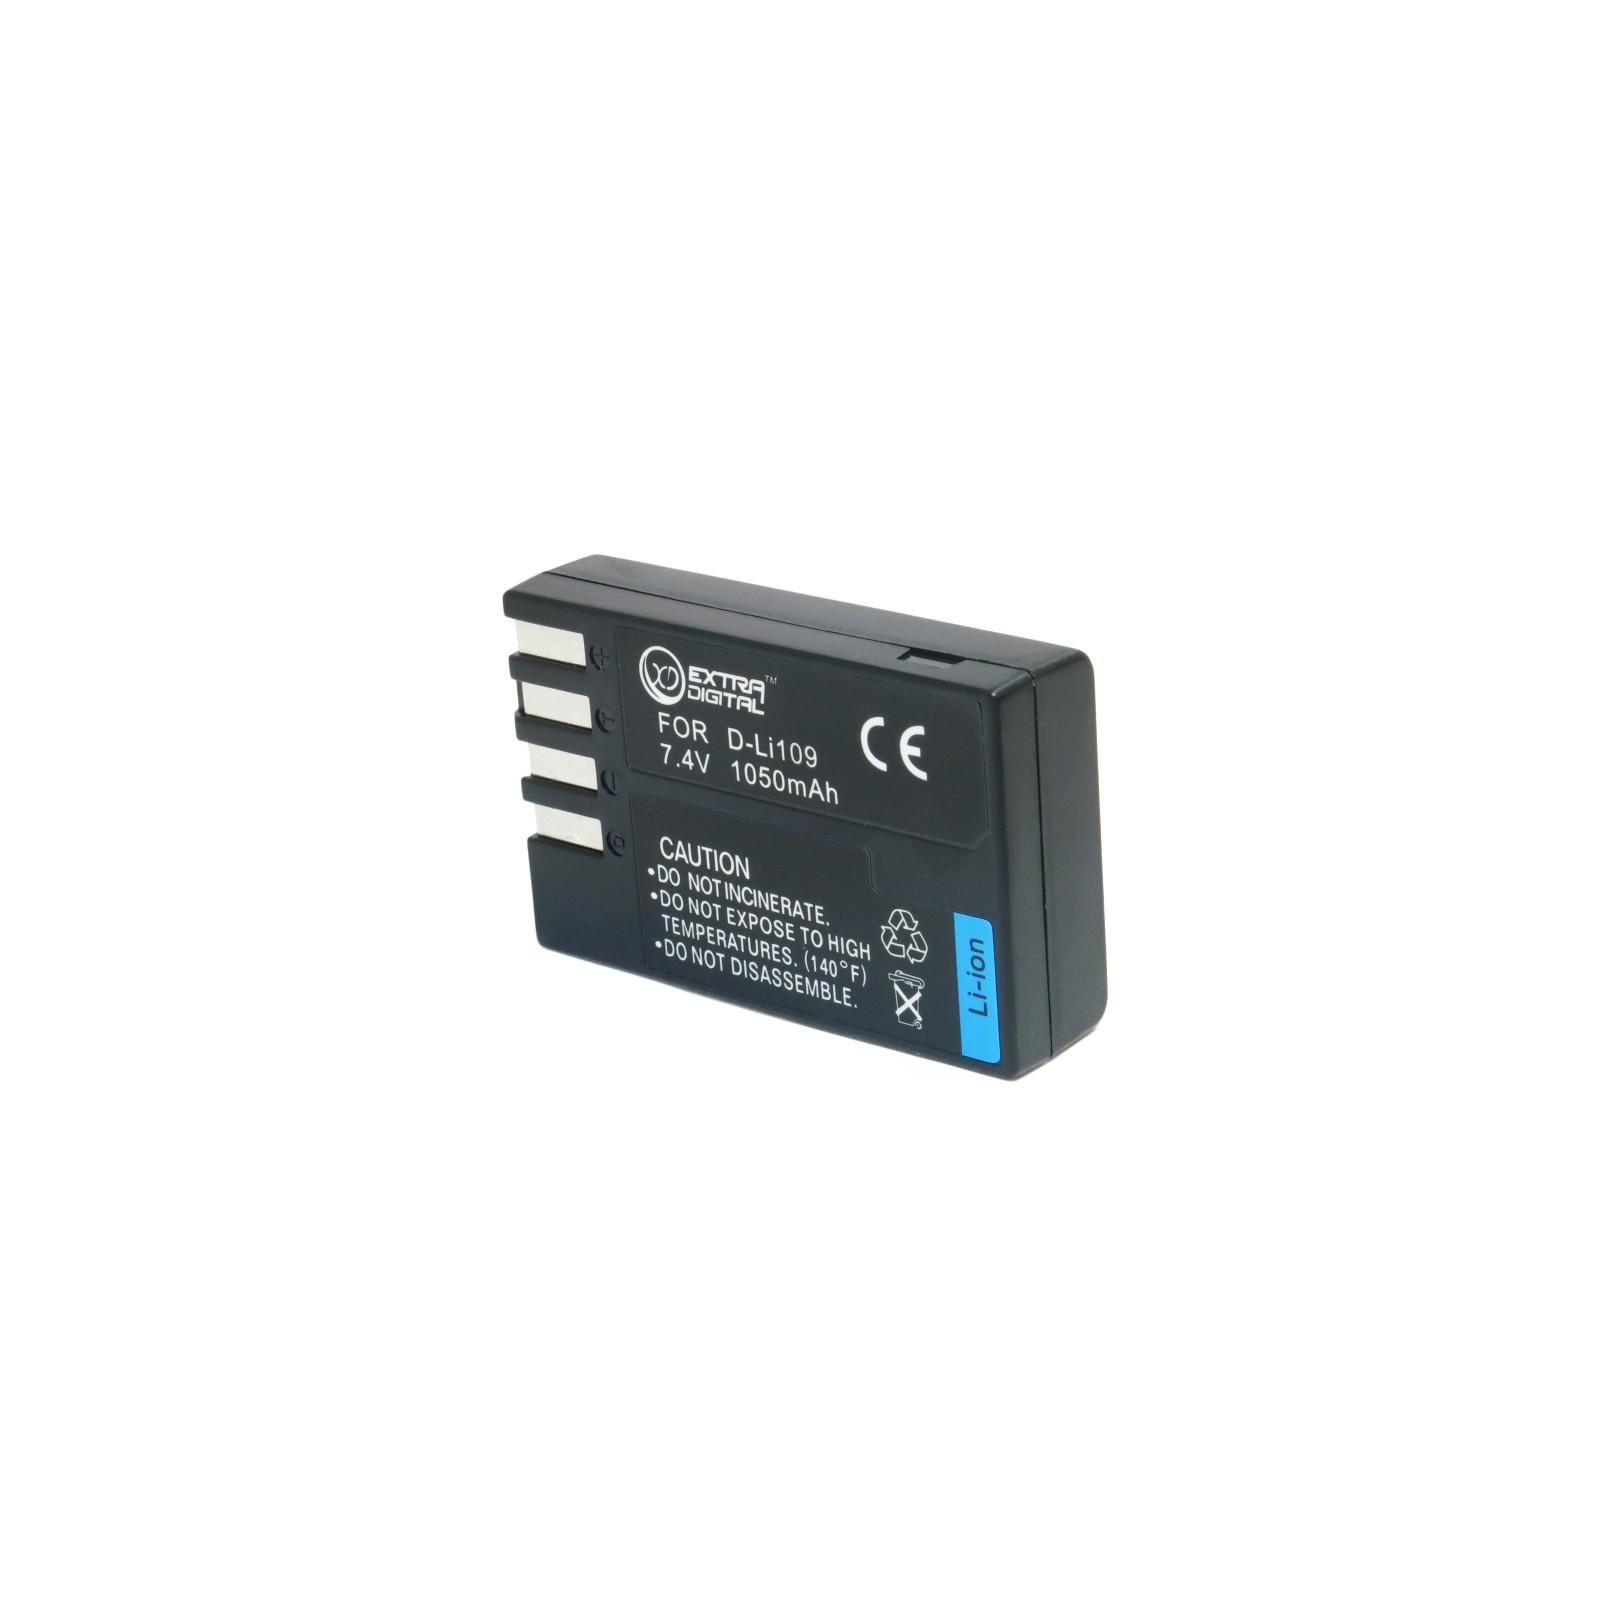 Аккумулятор к фото/видео EXTRADIGITAL Pentax D-Li109 (BDP2598) изображение 2